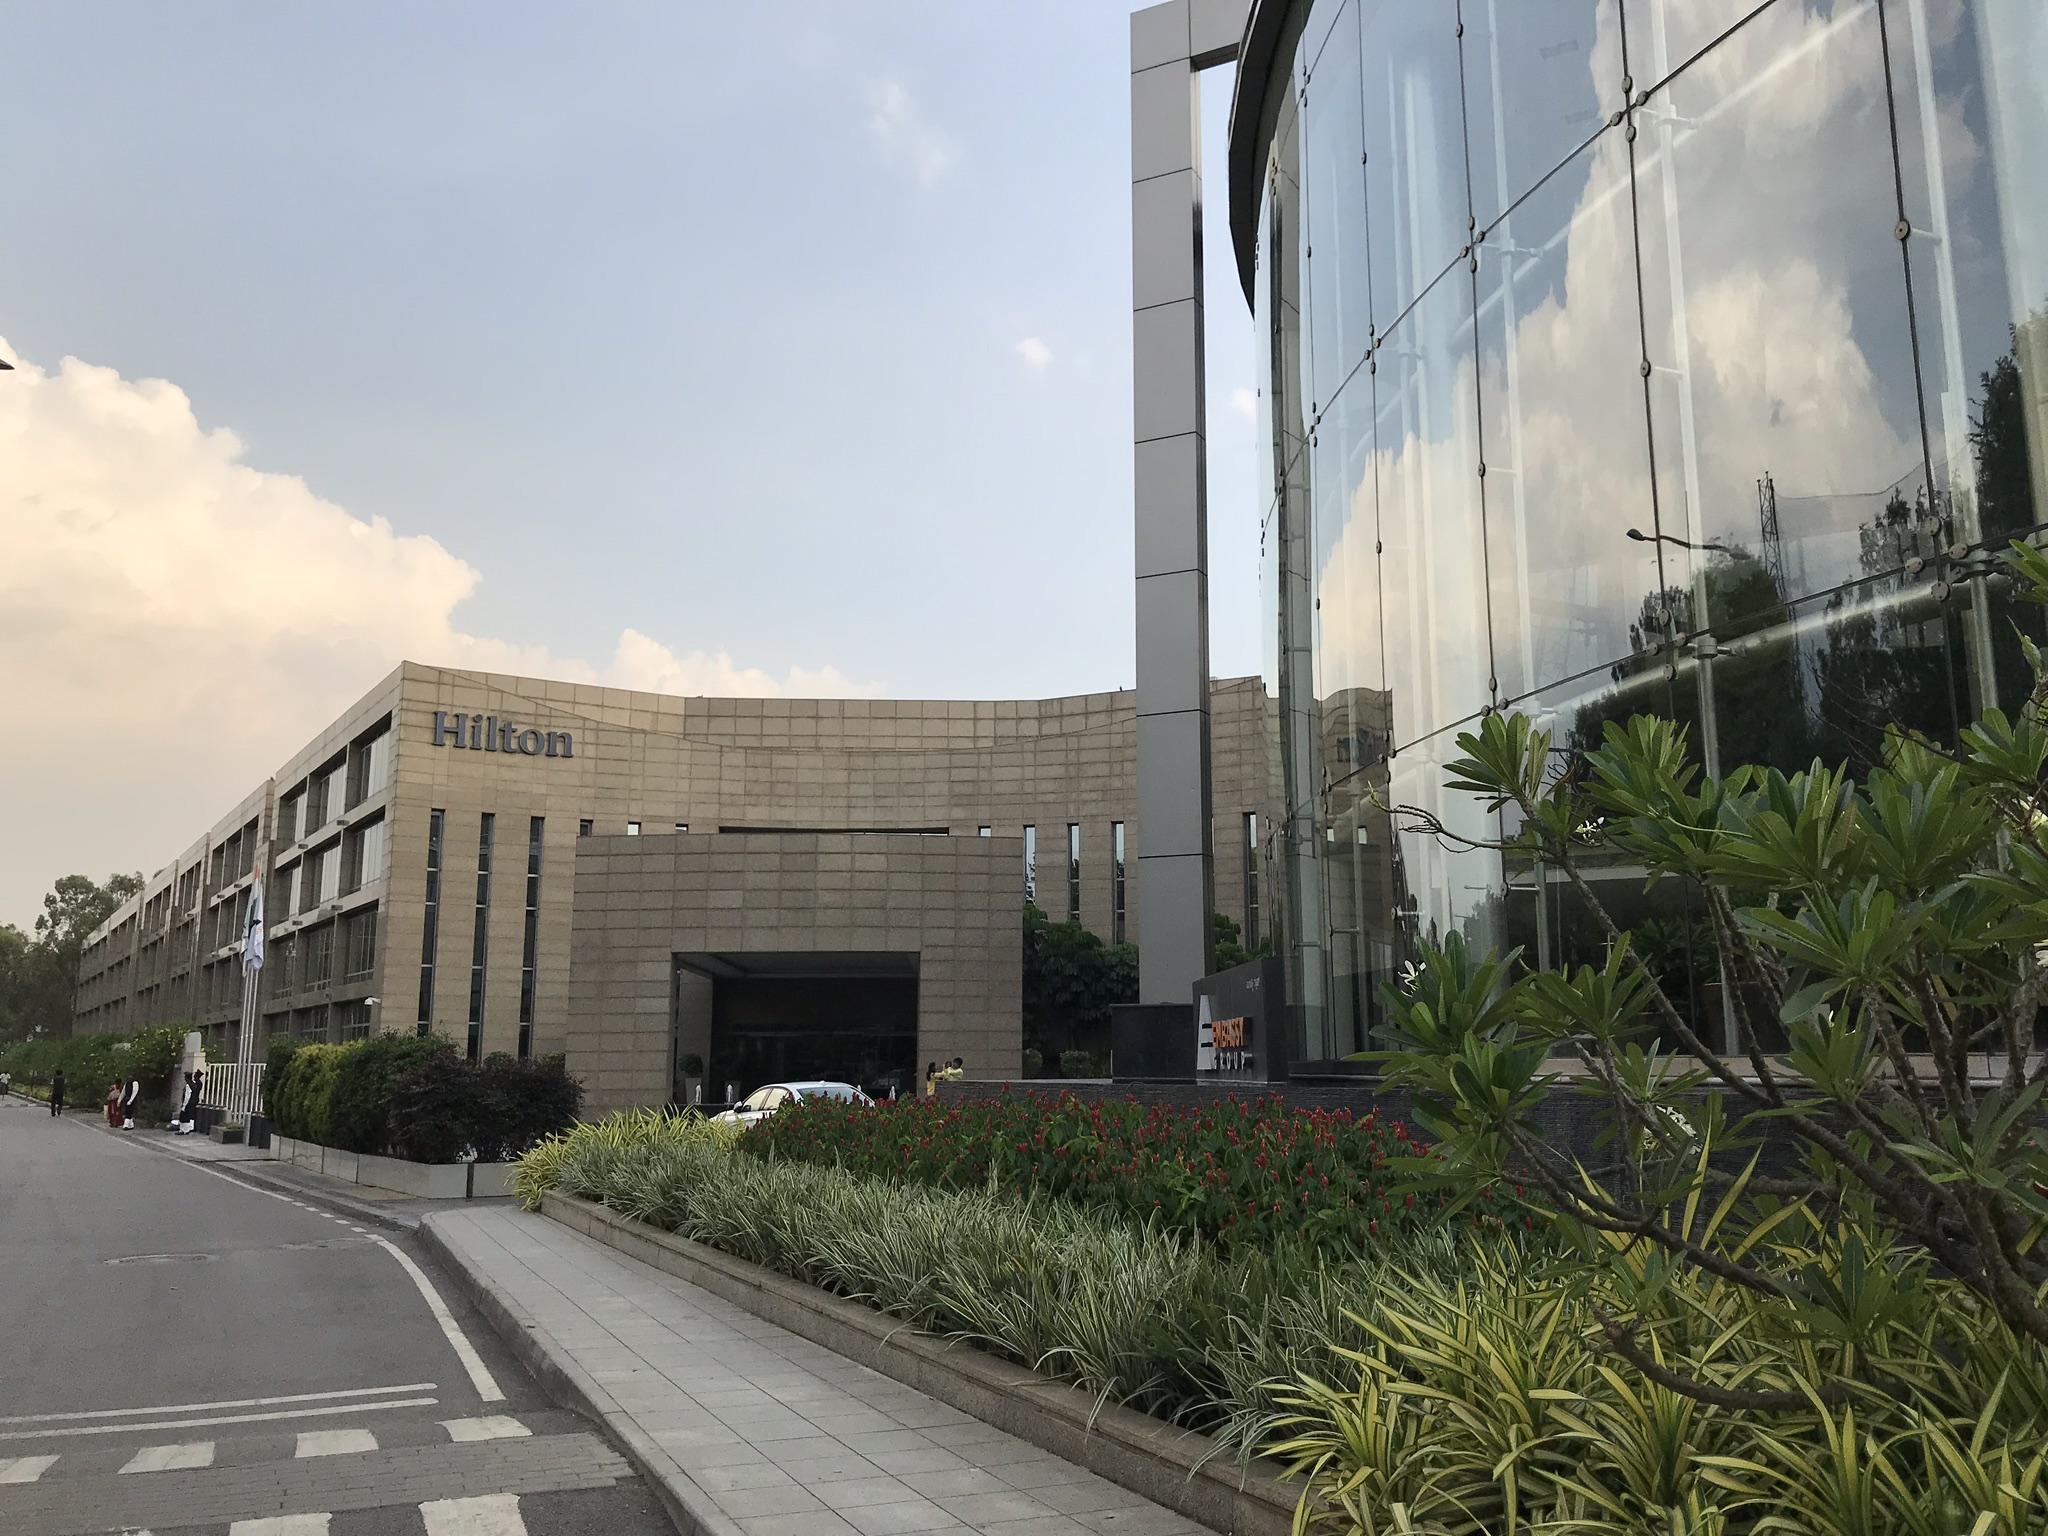 【ヒルトン】Hilton Bangalore Embassy Golf Links宿泊記!アクセスやホテル内の様子